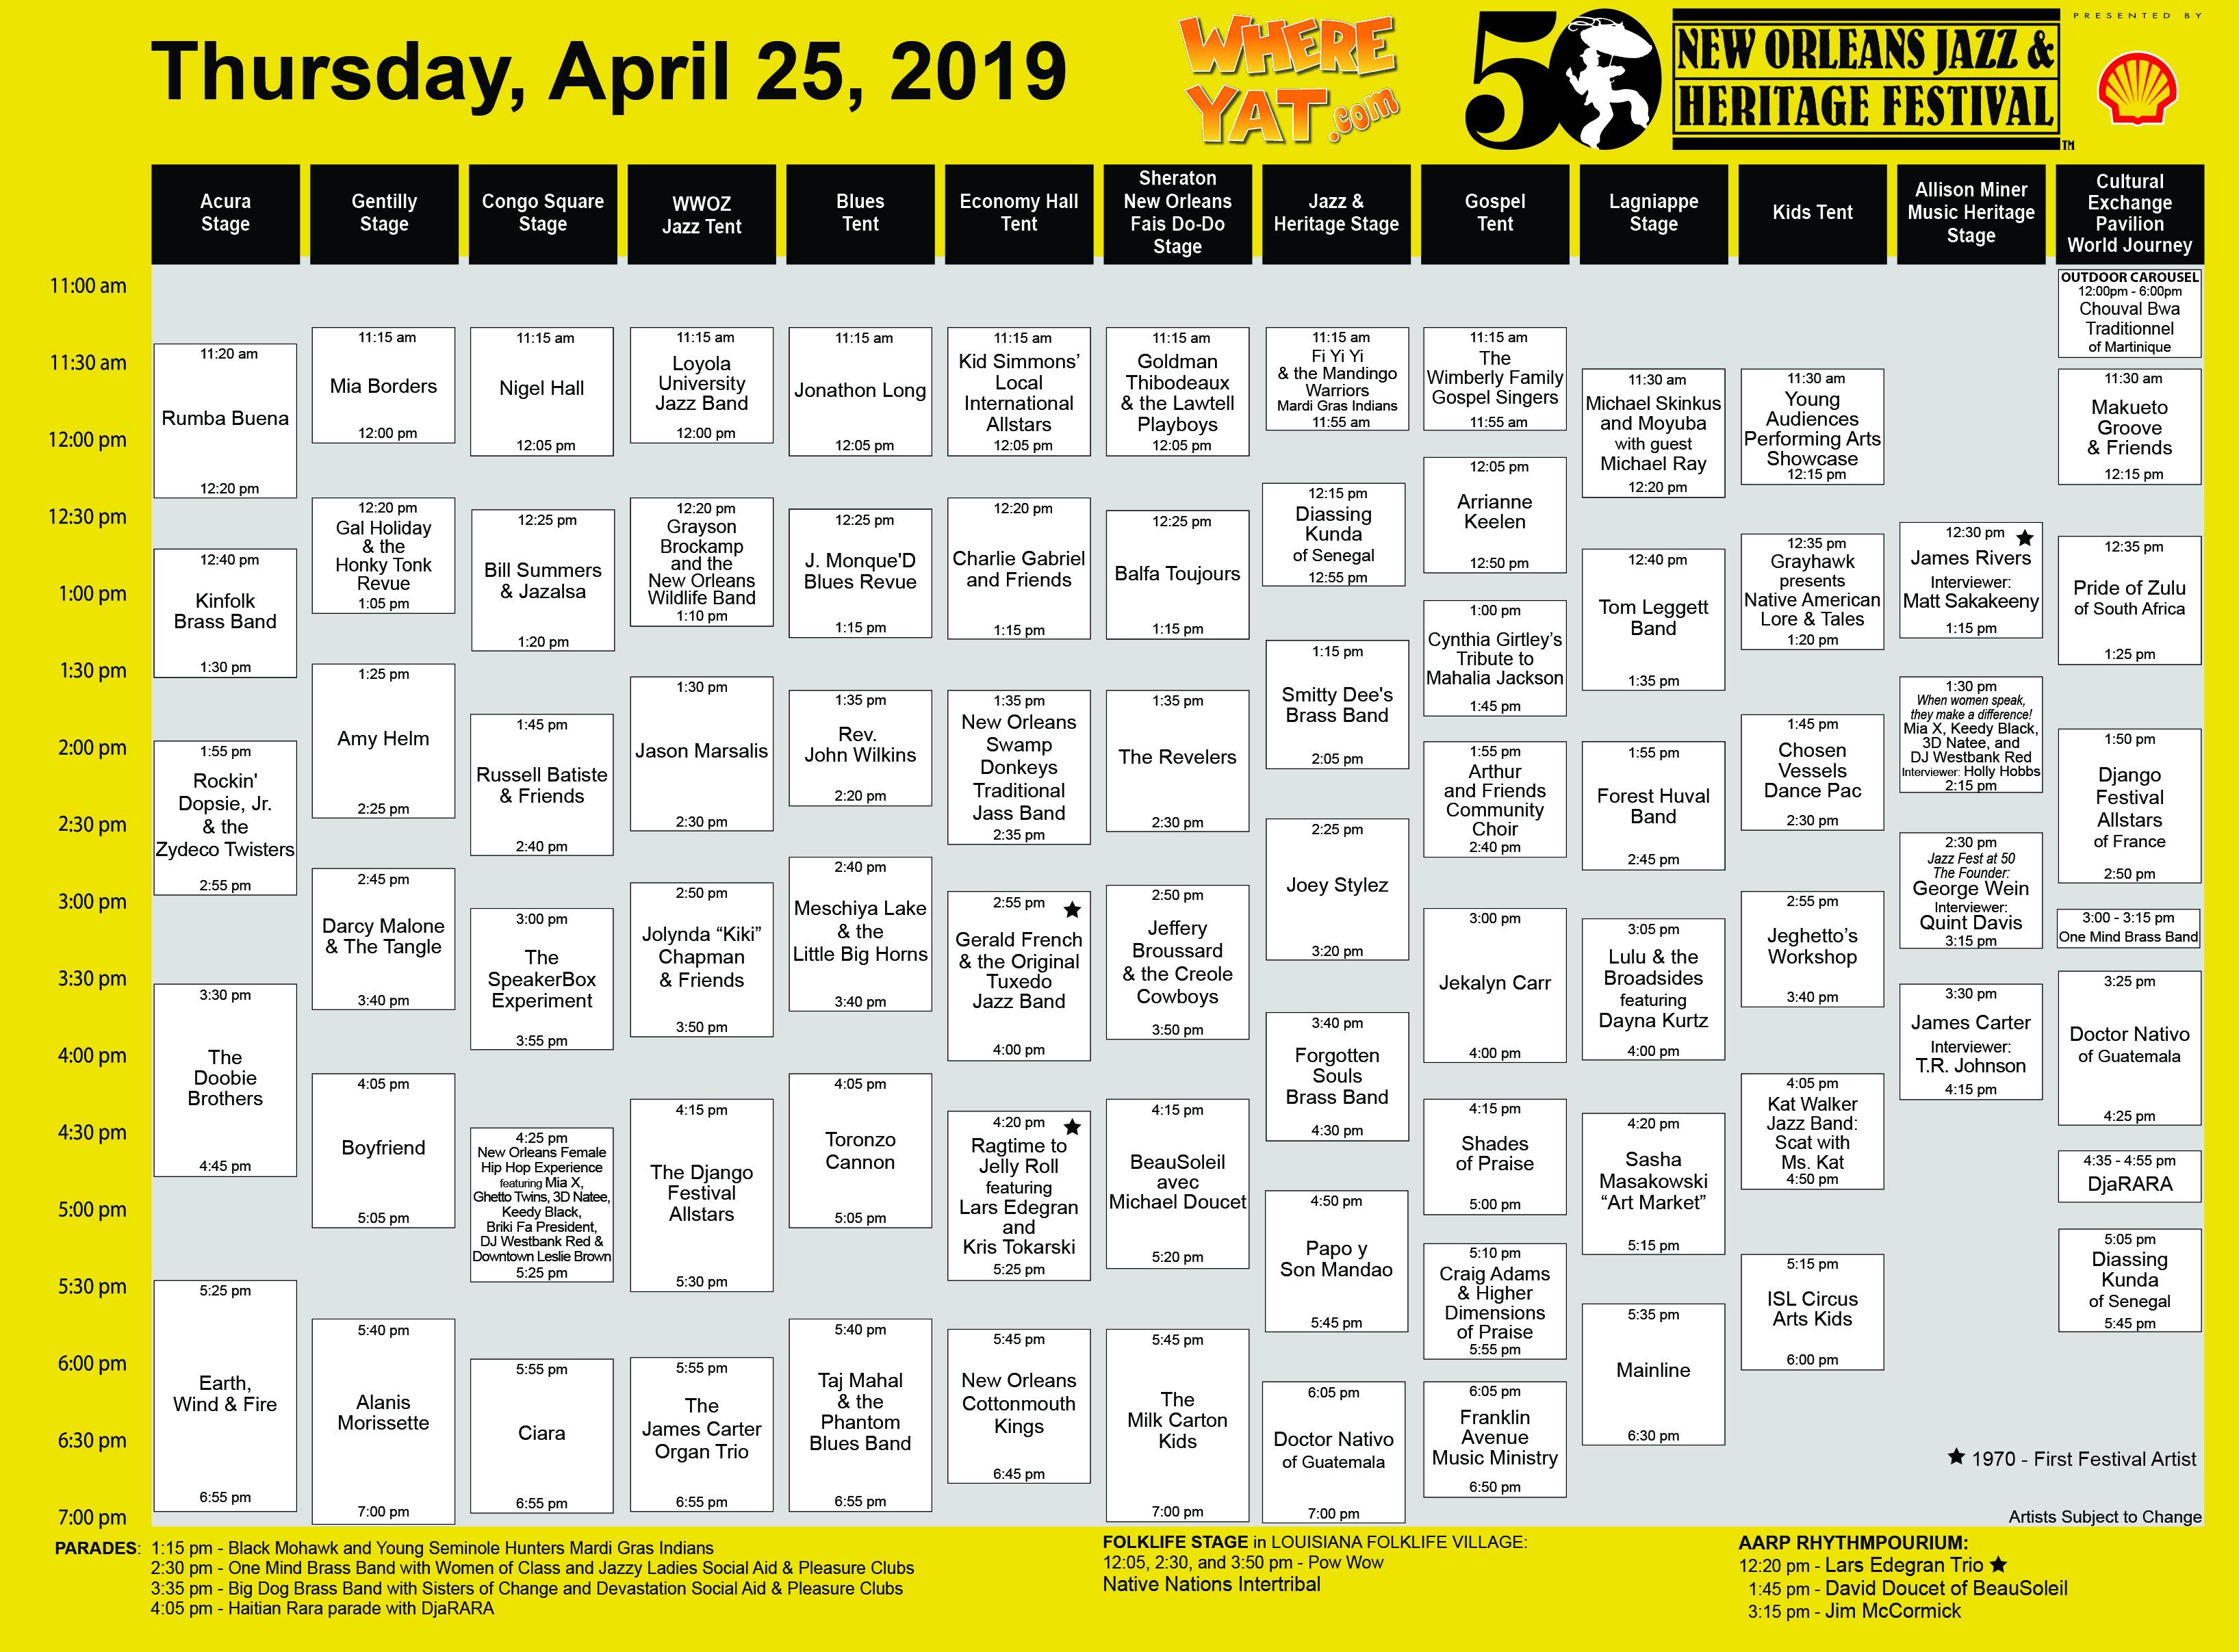 Jazz Fest 2019: Top Picks for Thursday, April 25